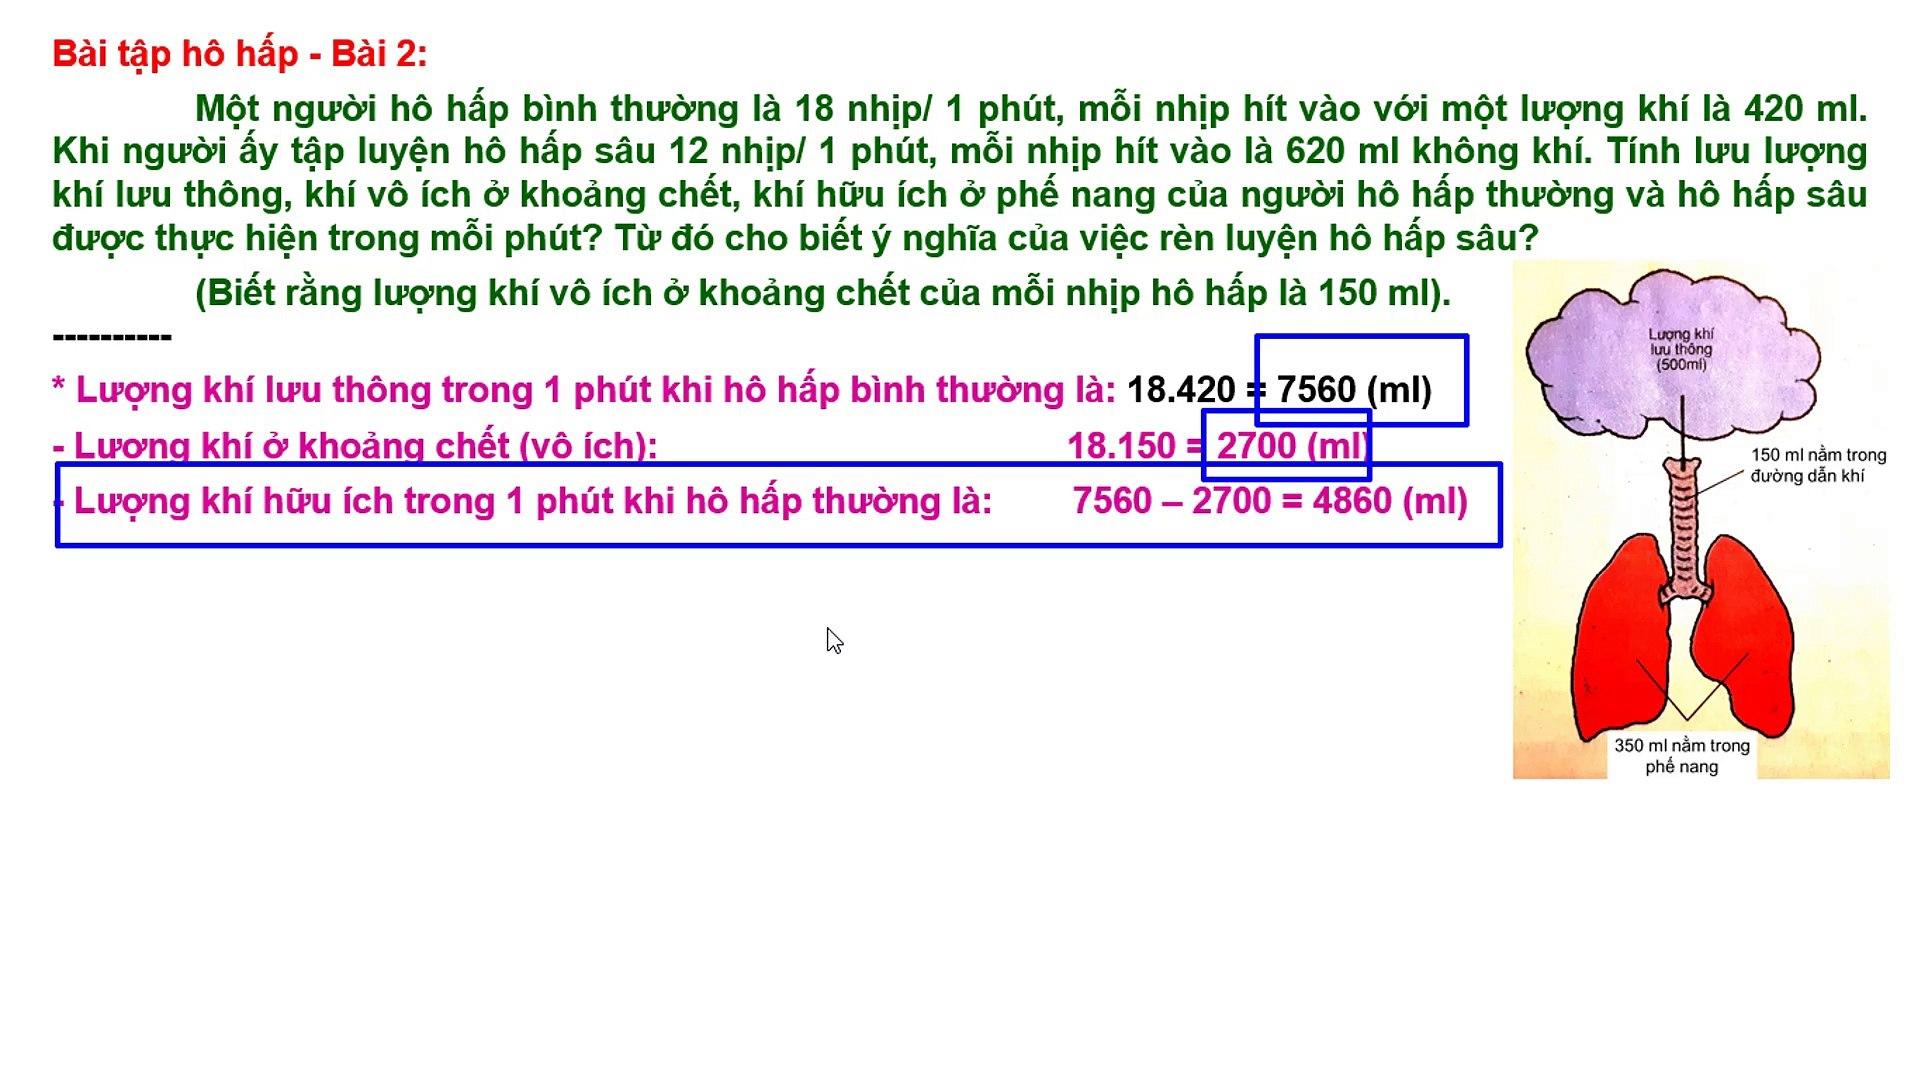 Bài tập BD HSG Sinh hoc 8 - Chương IV Hoạt động hô hấp - Bài 2